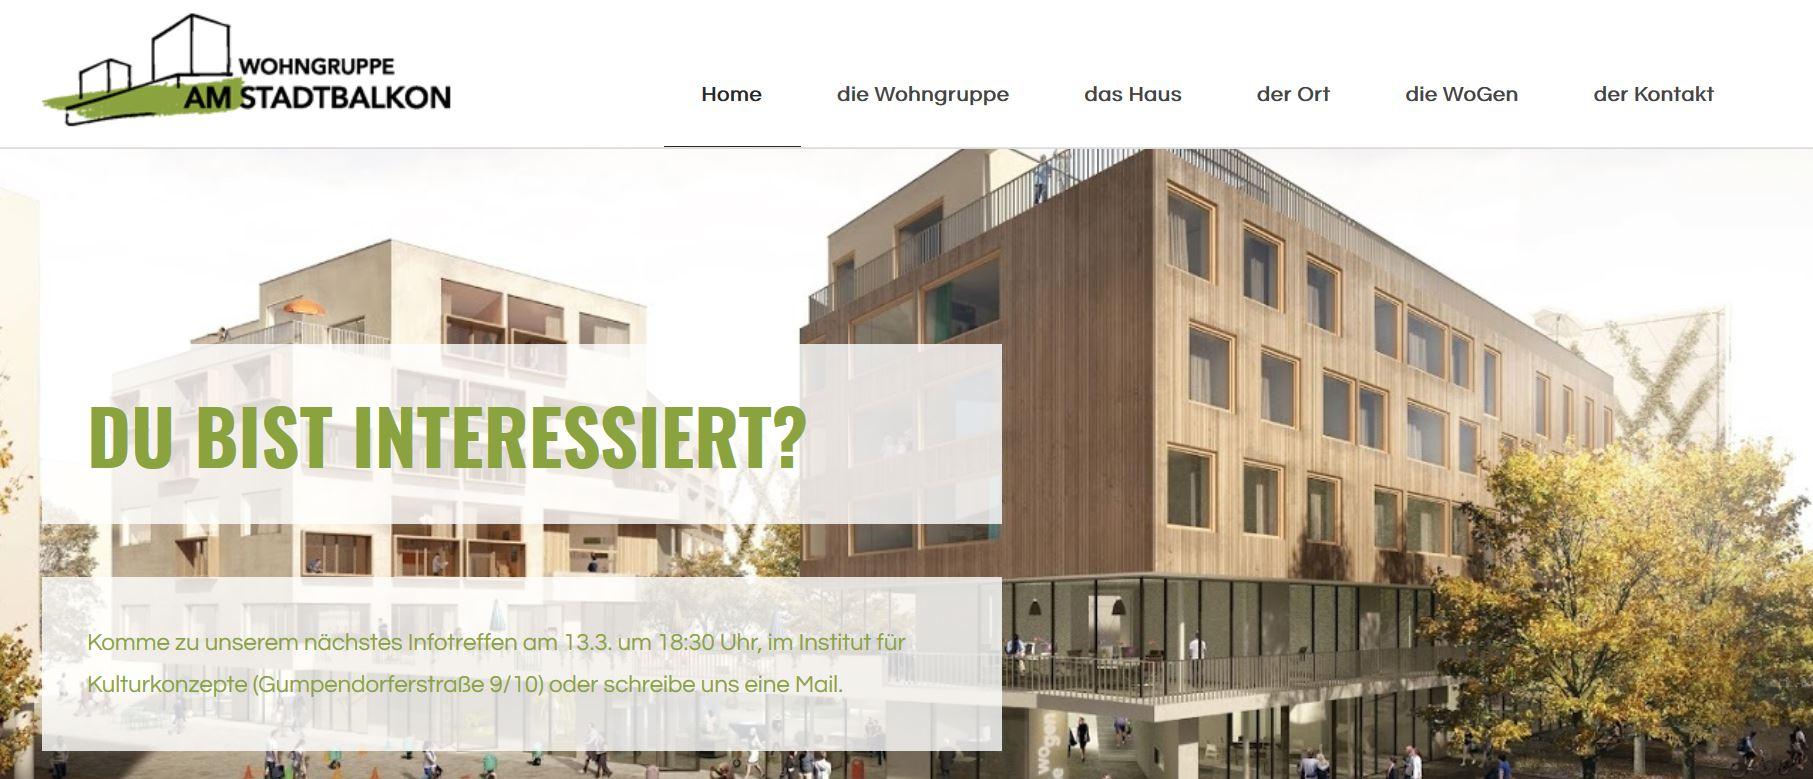 Neue Homepage der Wohngruppe am Stadtbakon